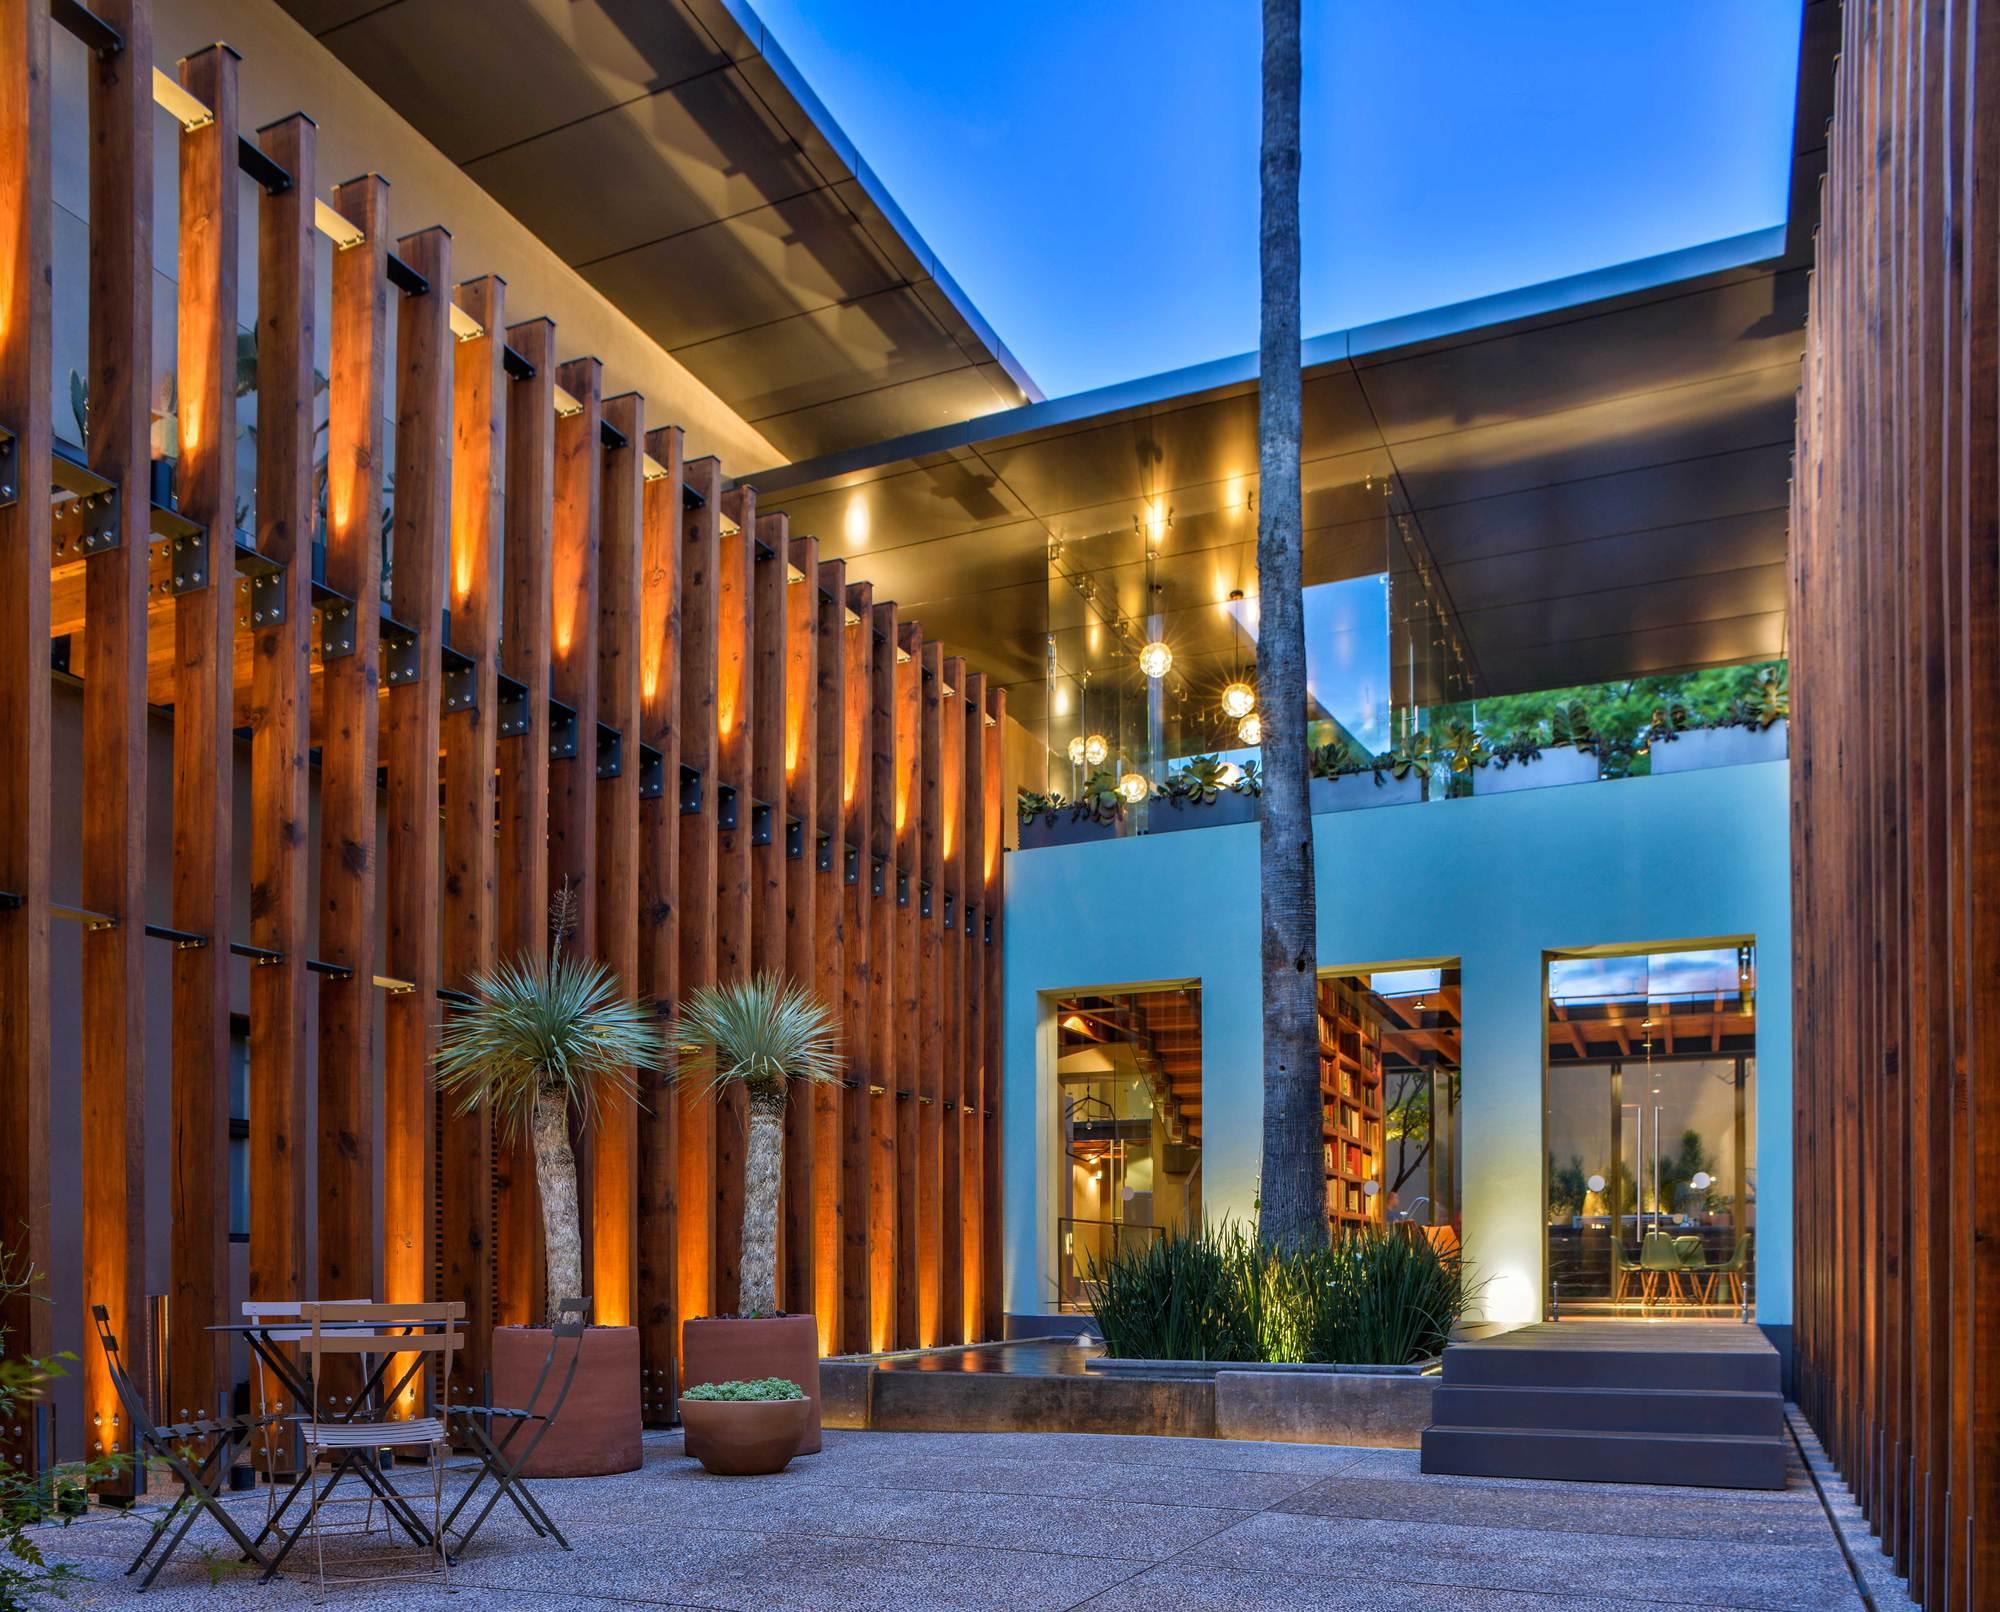 Galer a de hotel criol miguel concha arquitectura 11 for Hotel luxury queretaro